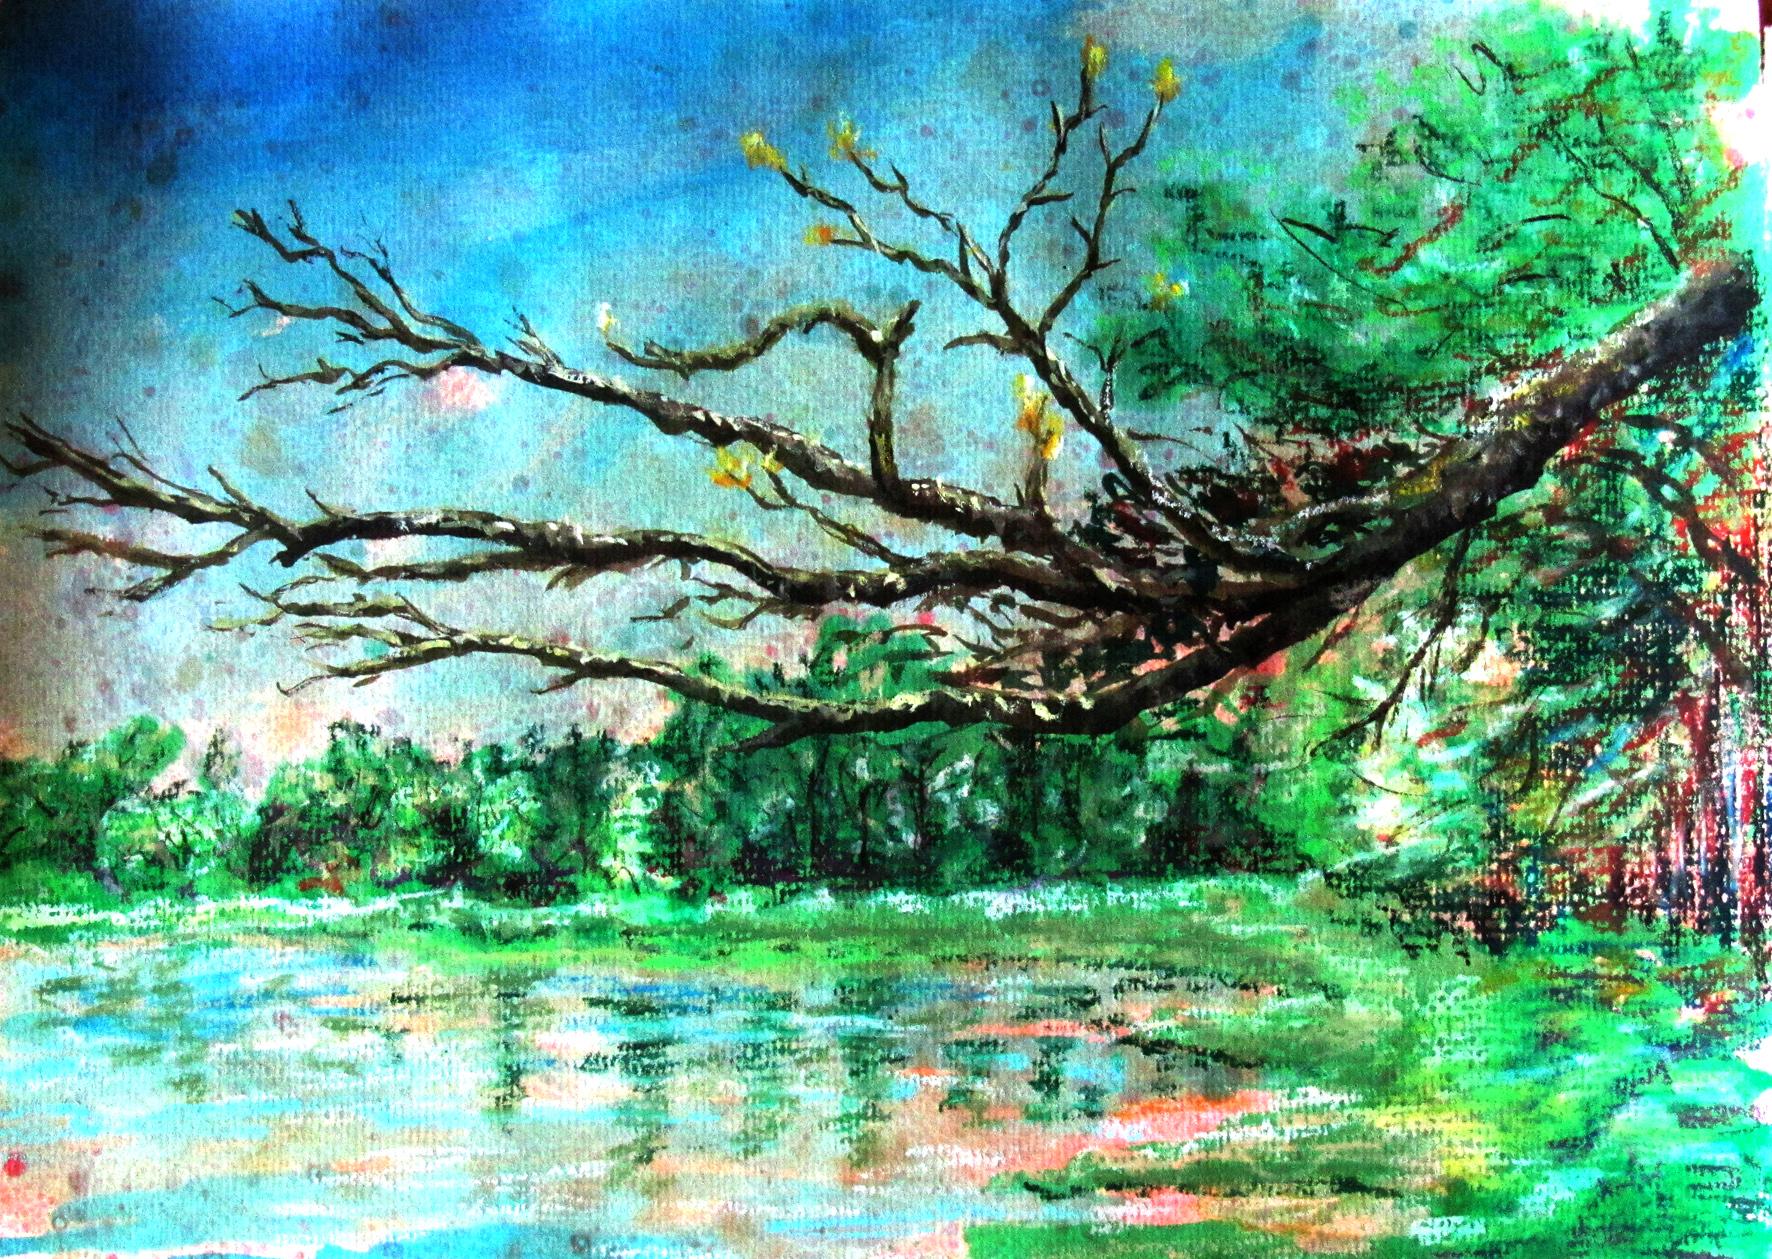 Arne, fir branch